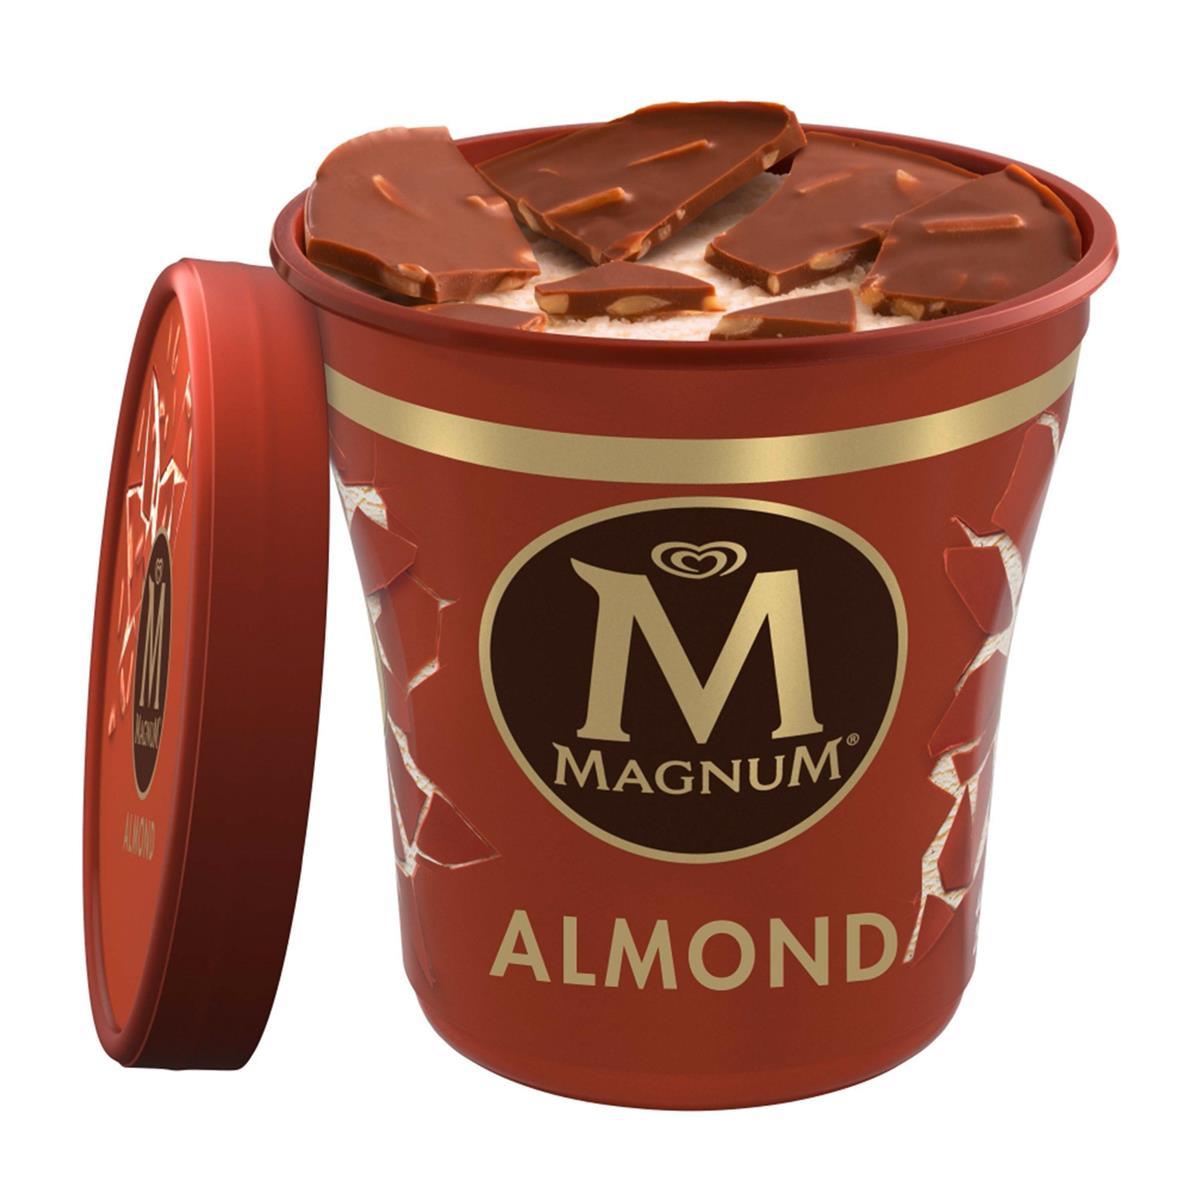 Magnum Eis Becher versch. Sorten (440ml) für 2,20€ // 2x Chio Tortillas versch. Sorten 125gr für 1,75€ [Netto MD am 20.11.]